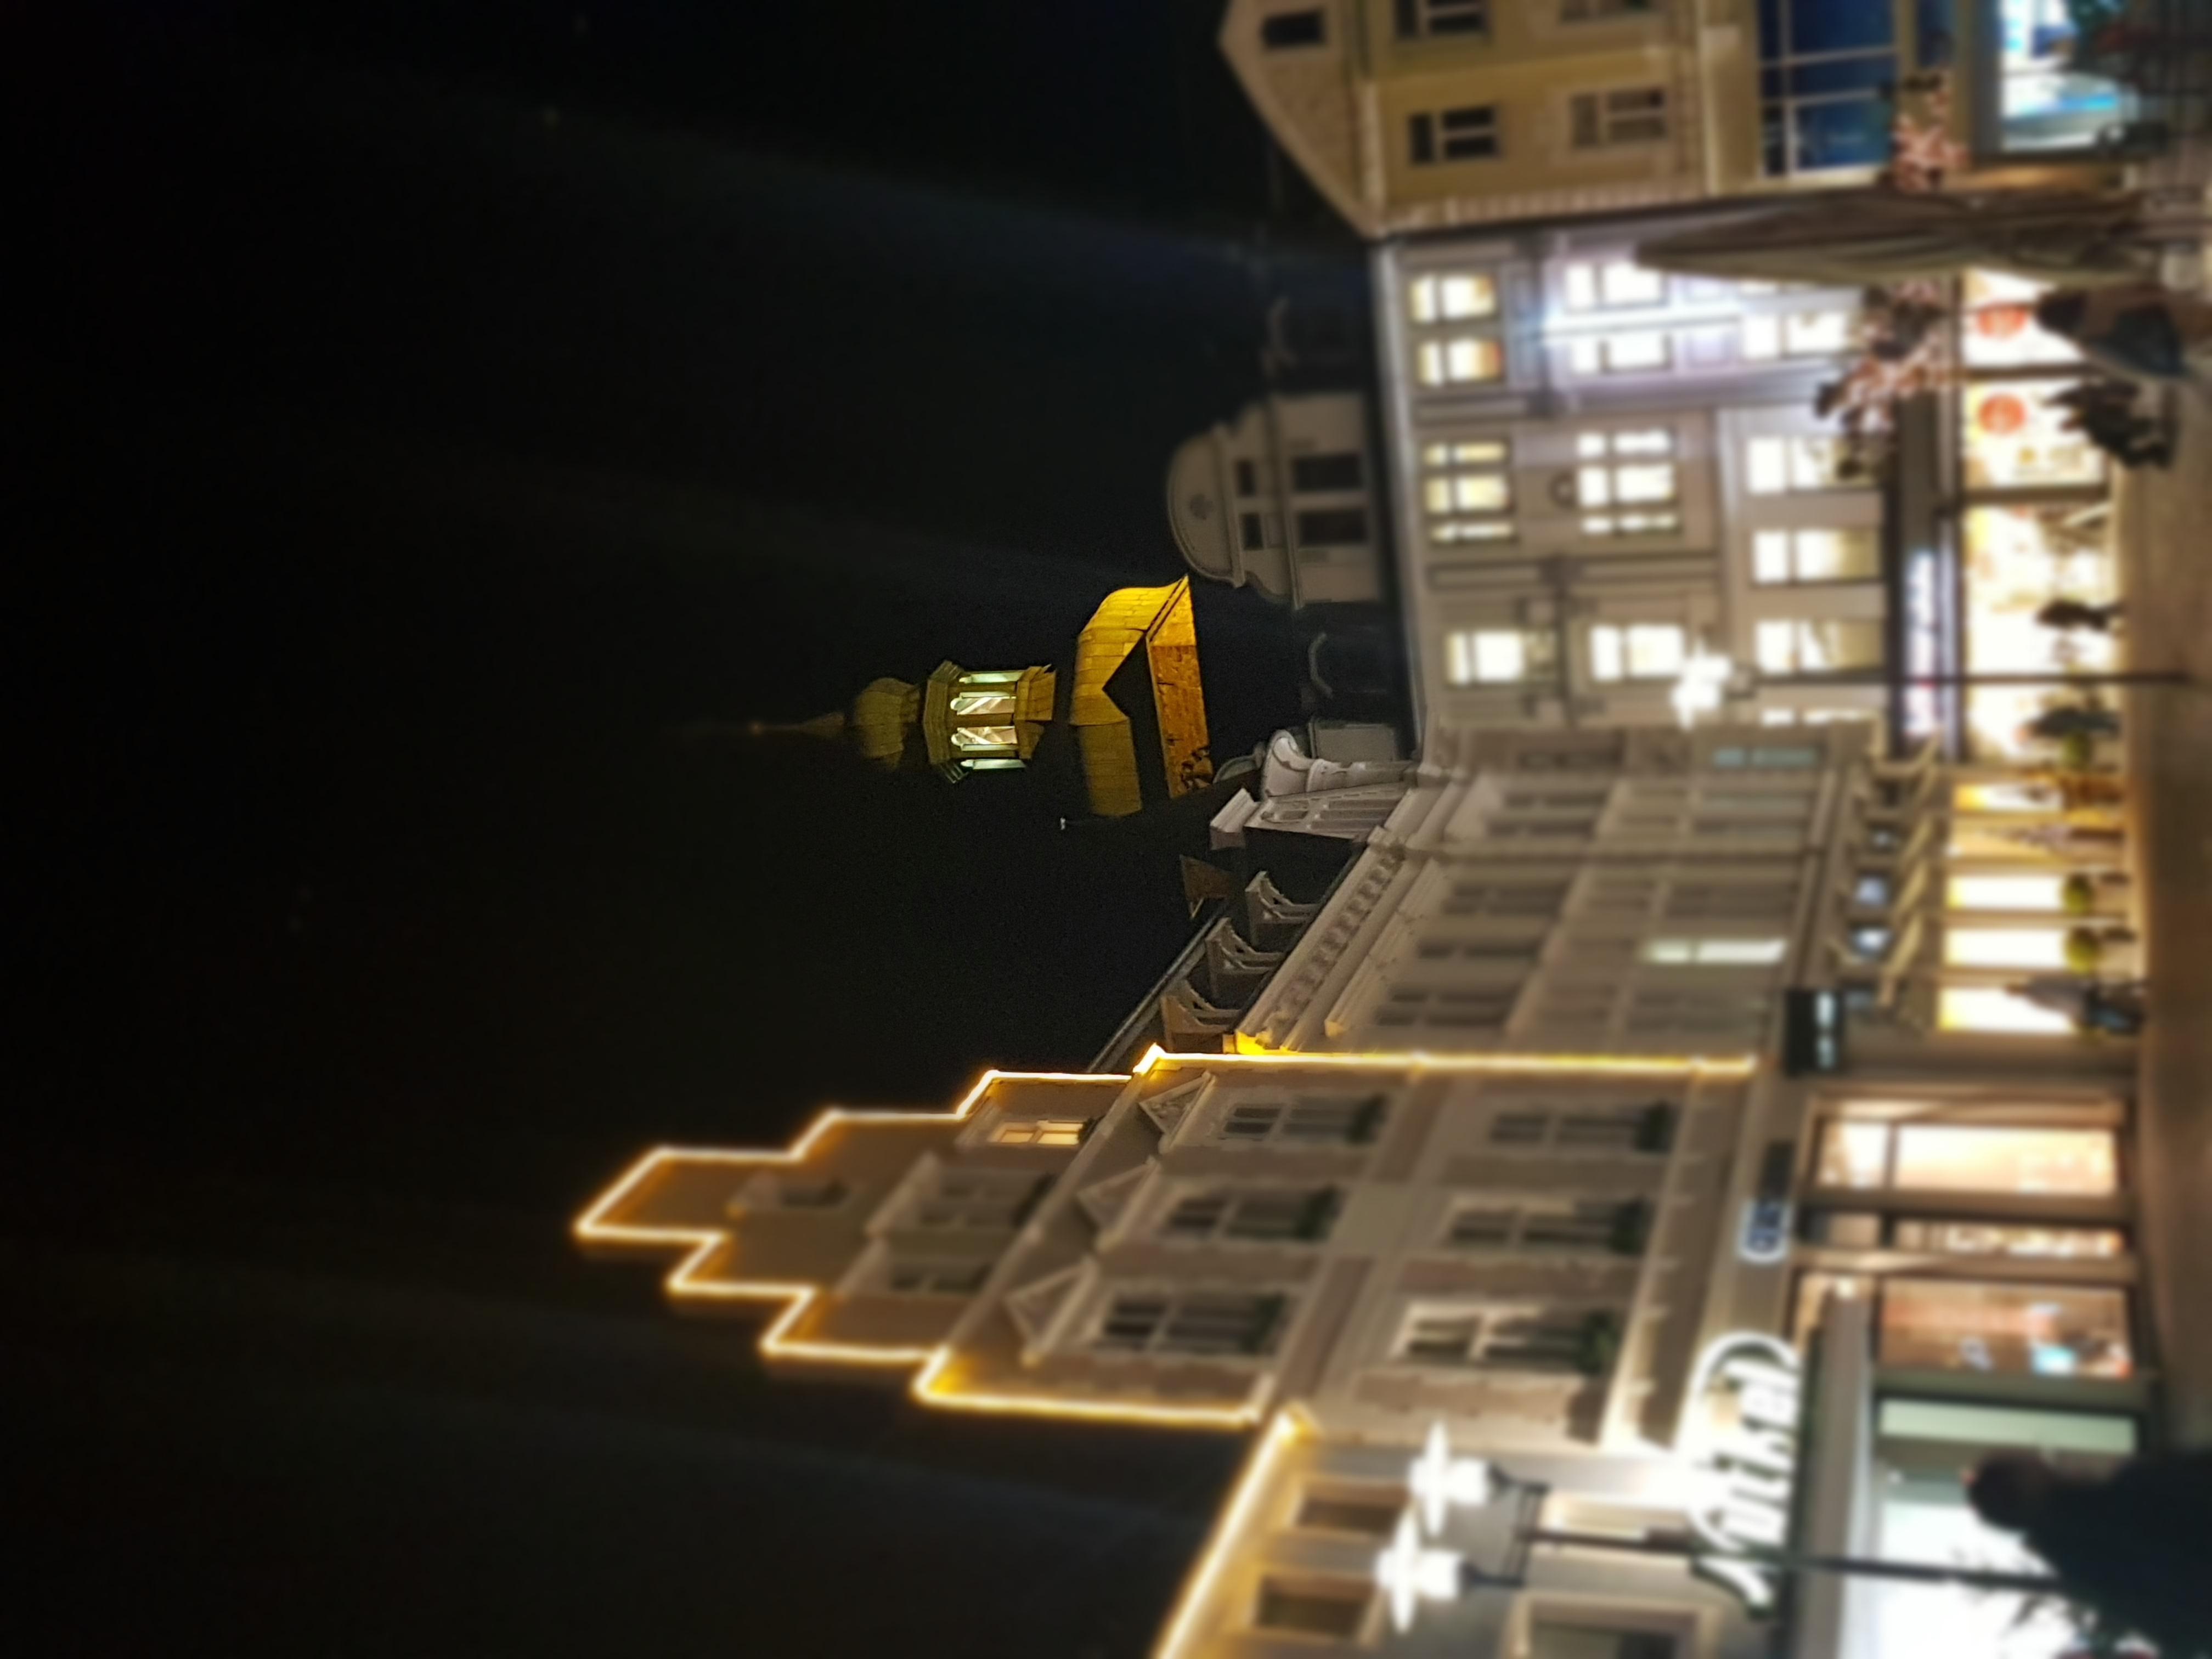 sevenpics presents - Weihnachten in der Altstadt Recklinghausen